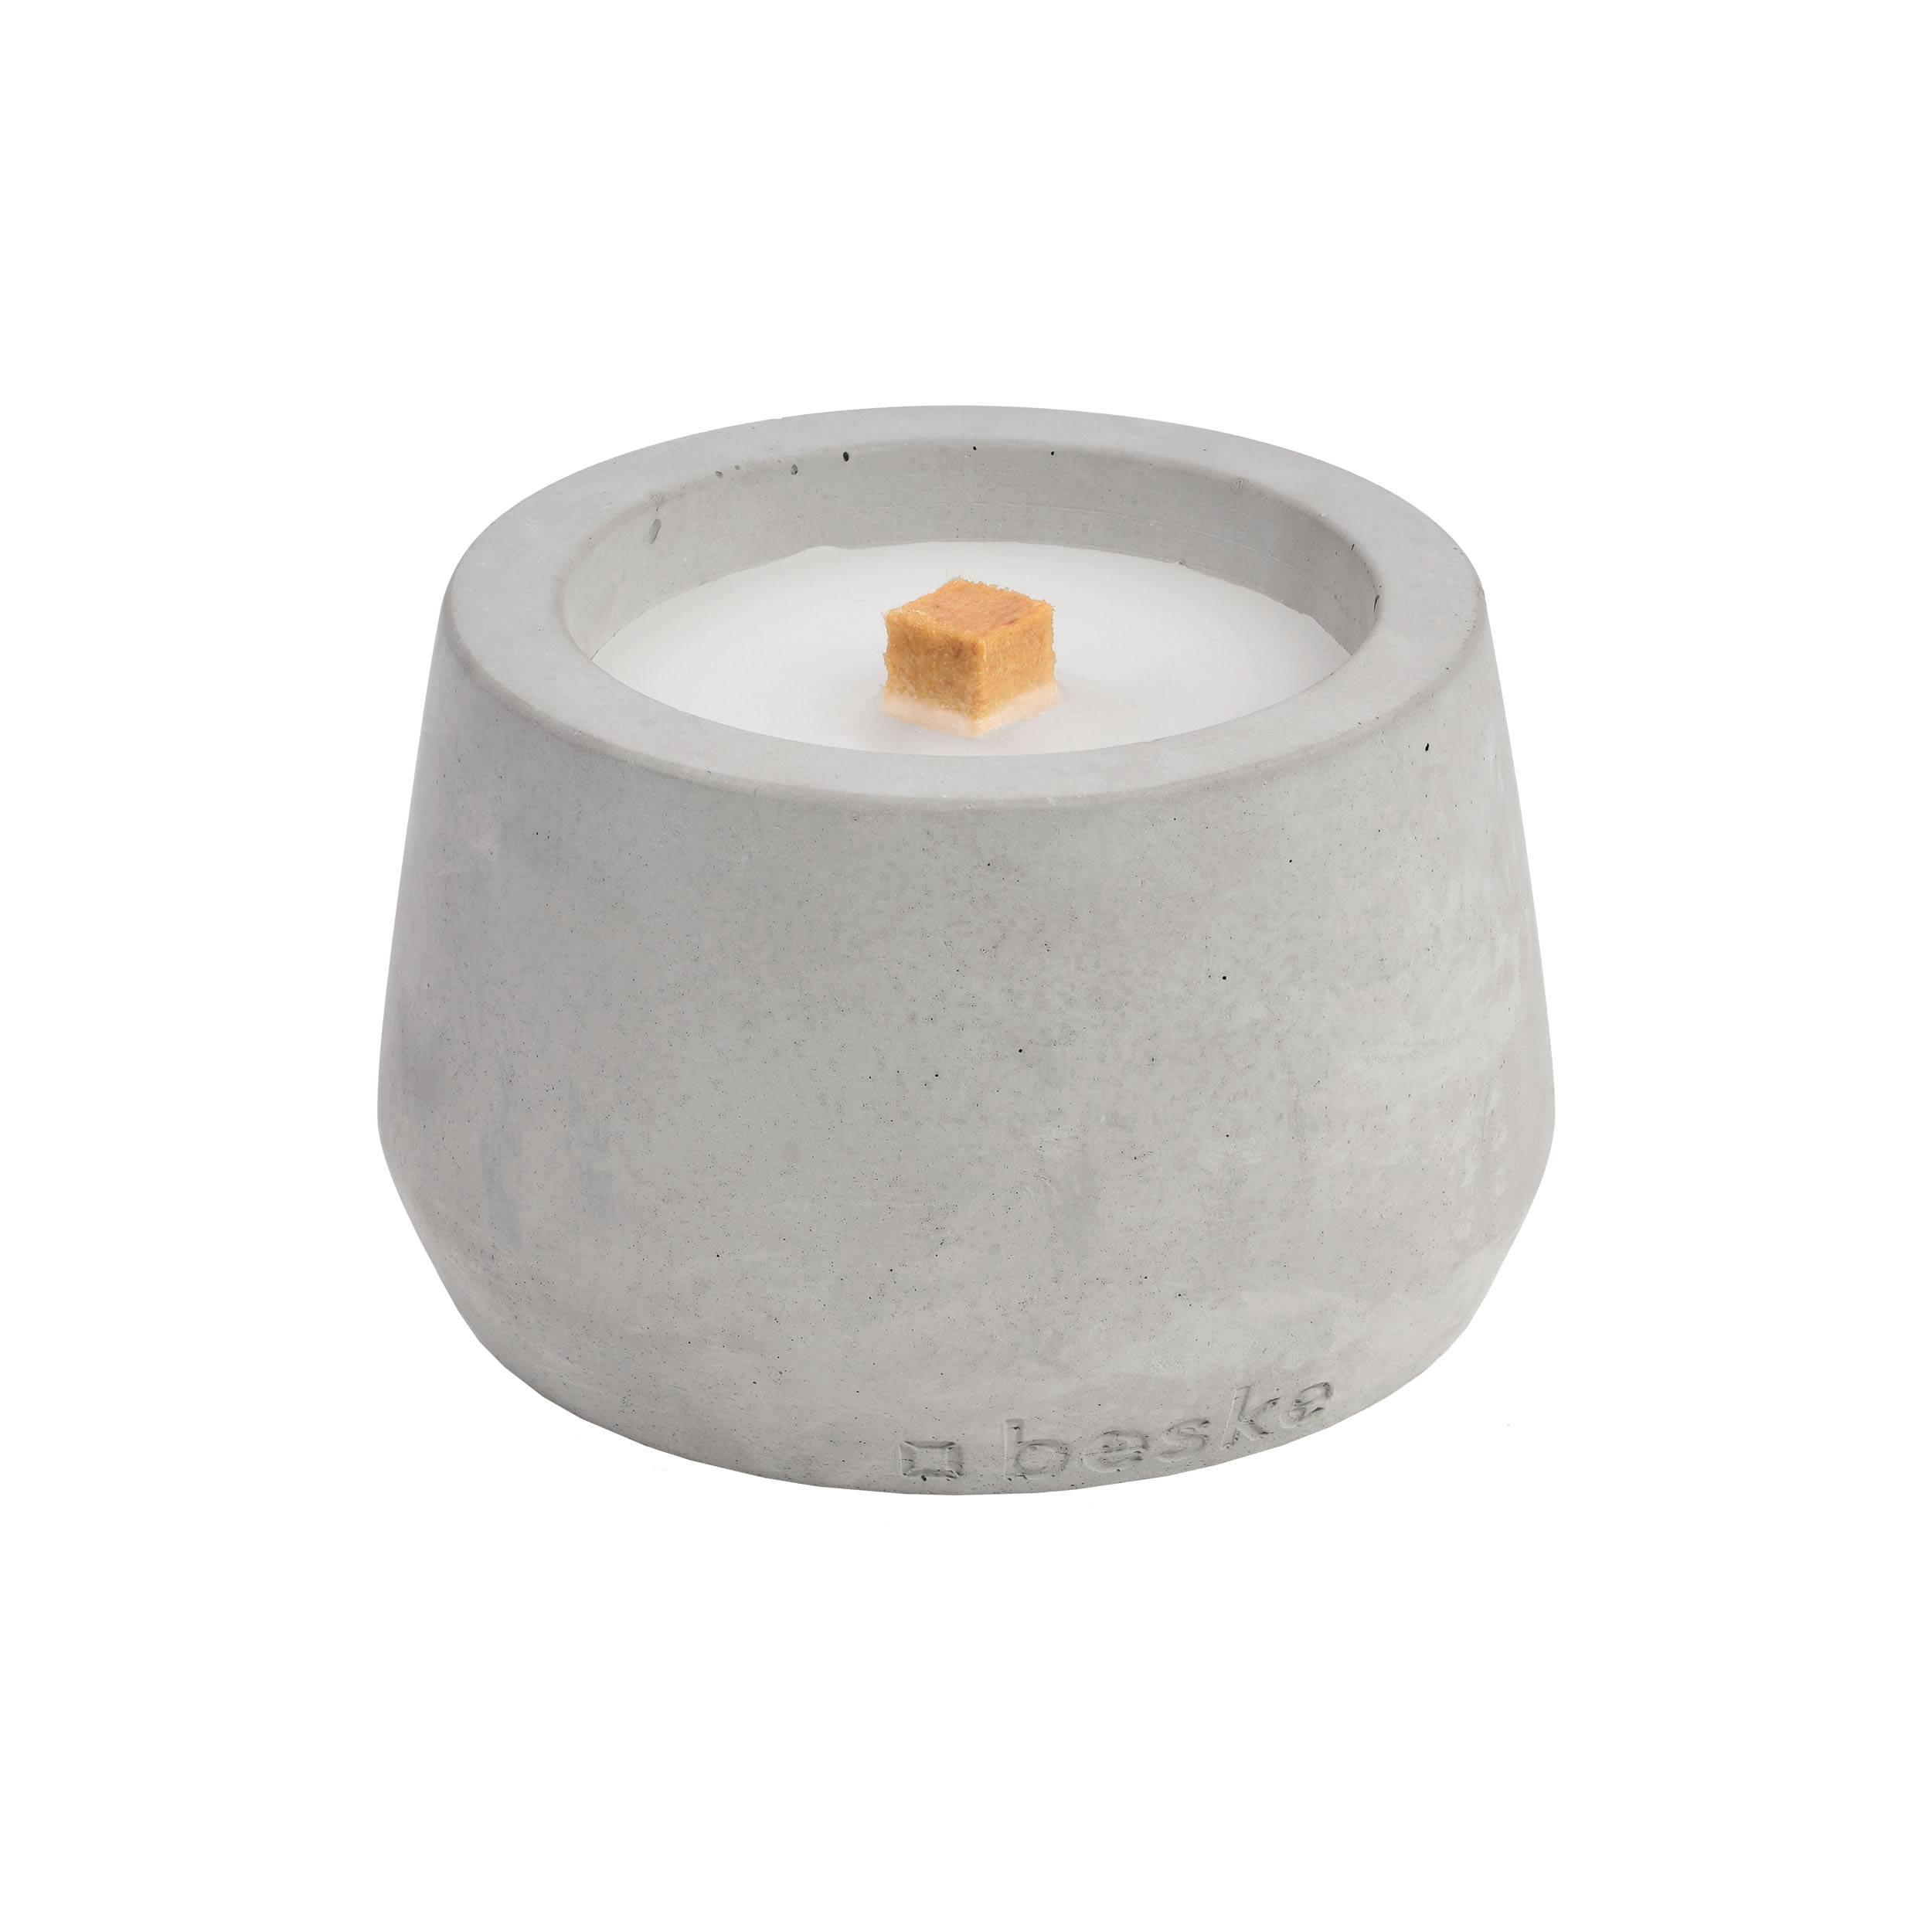 Betonfeuer bauchig Tischfeuer mit Deckel